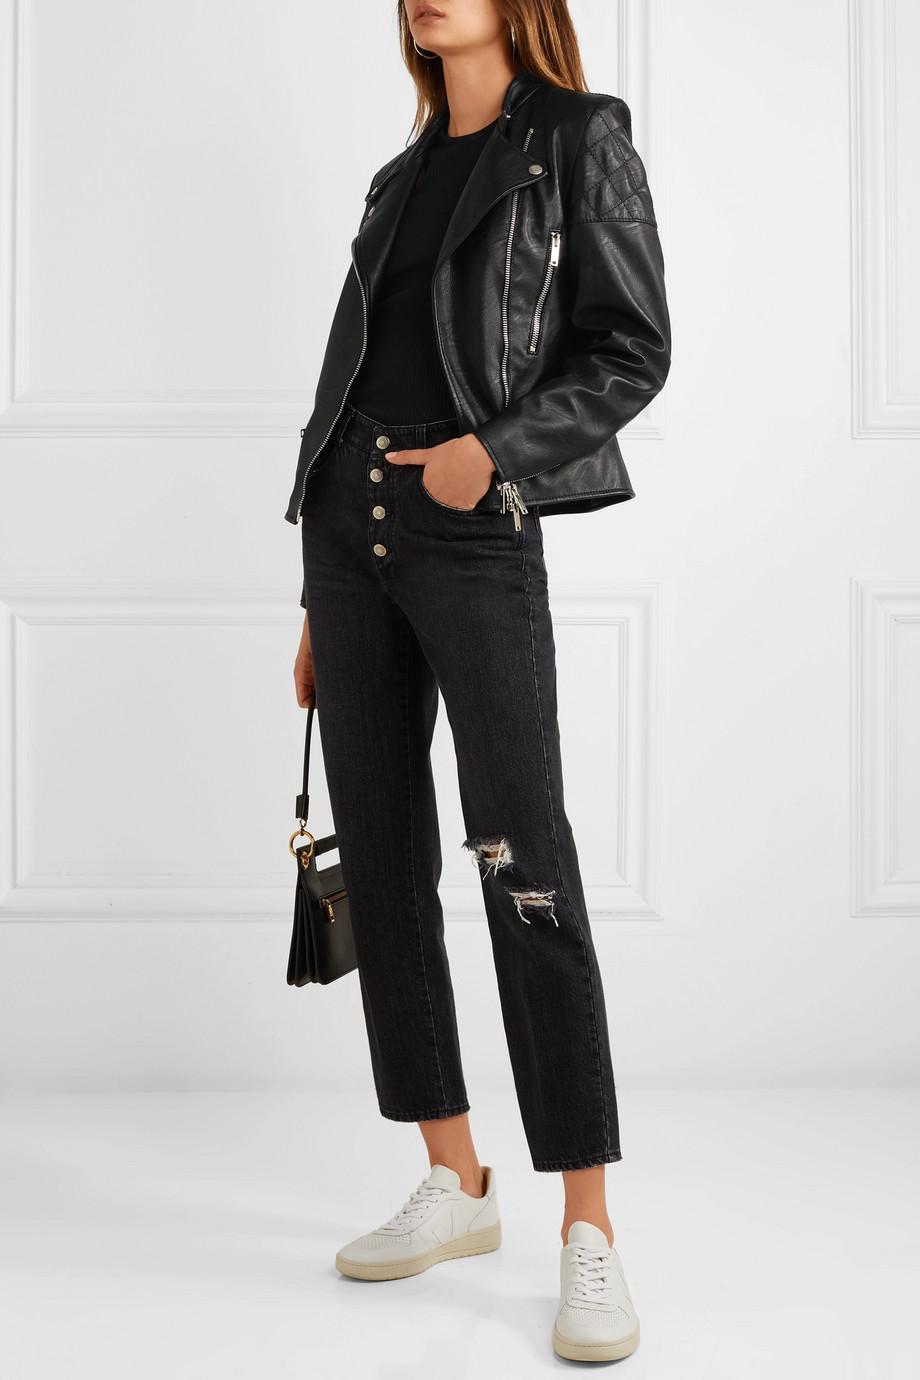 Stella McCartney Faux leather biker jacket